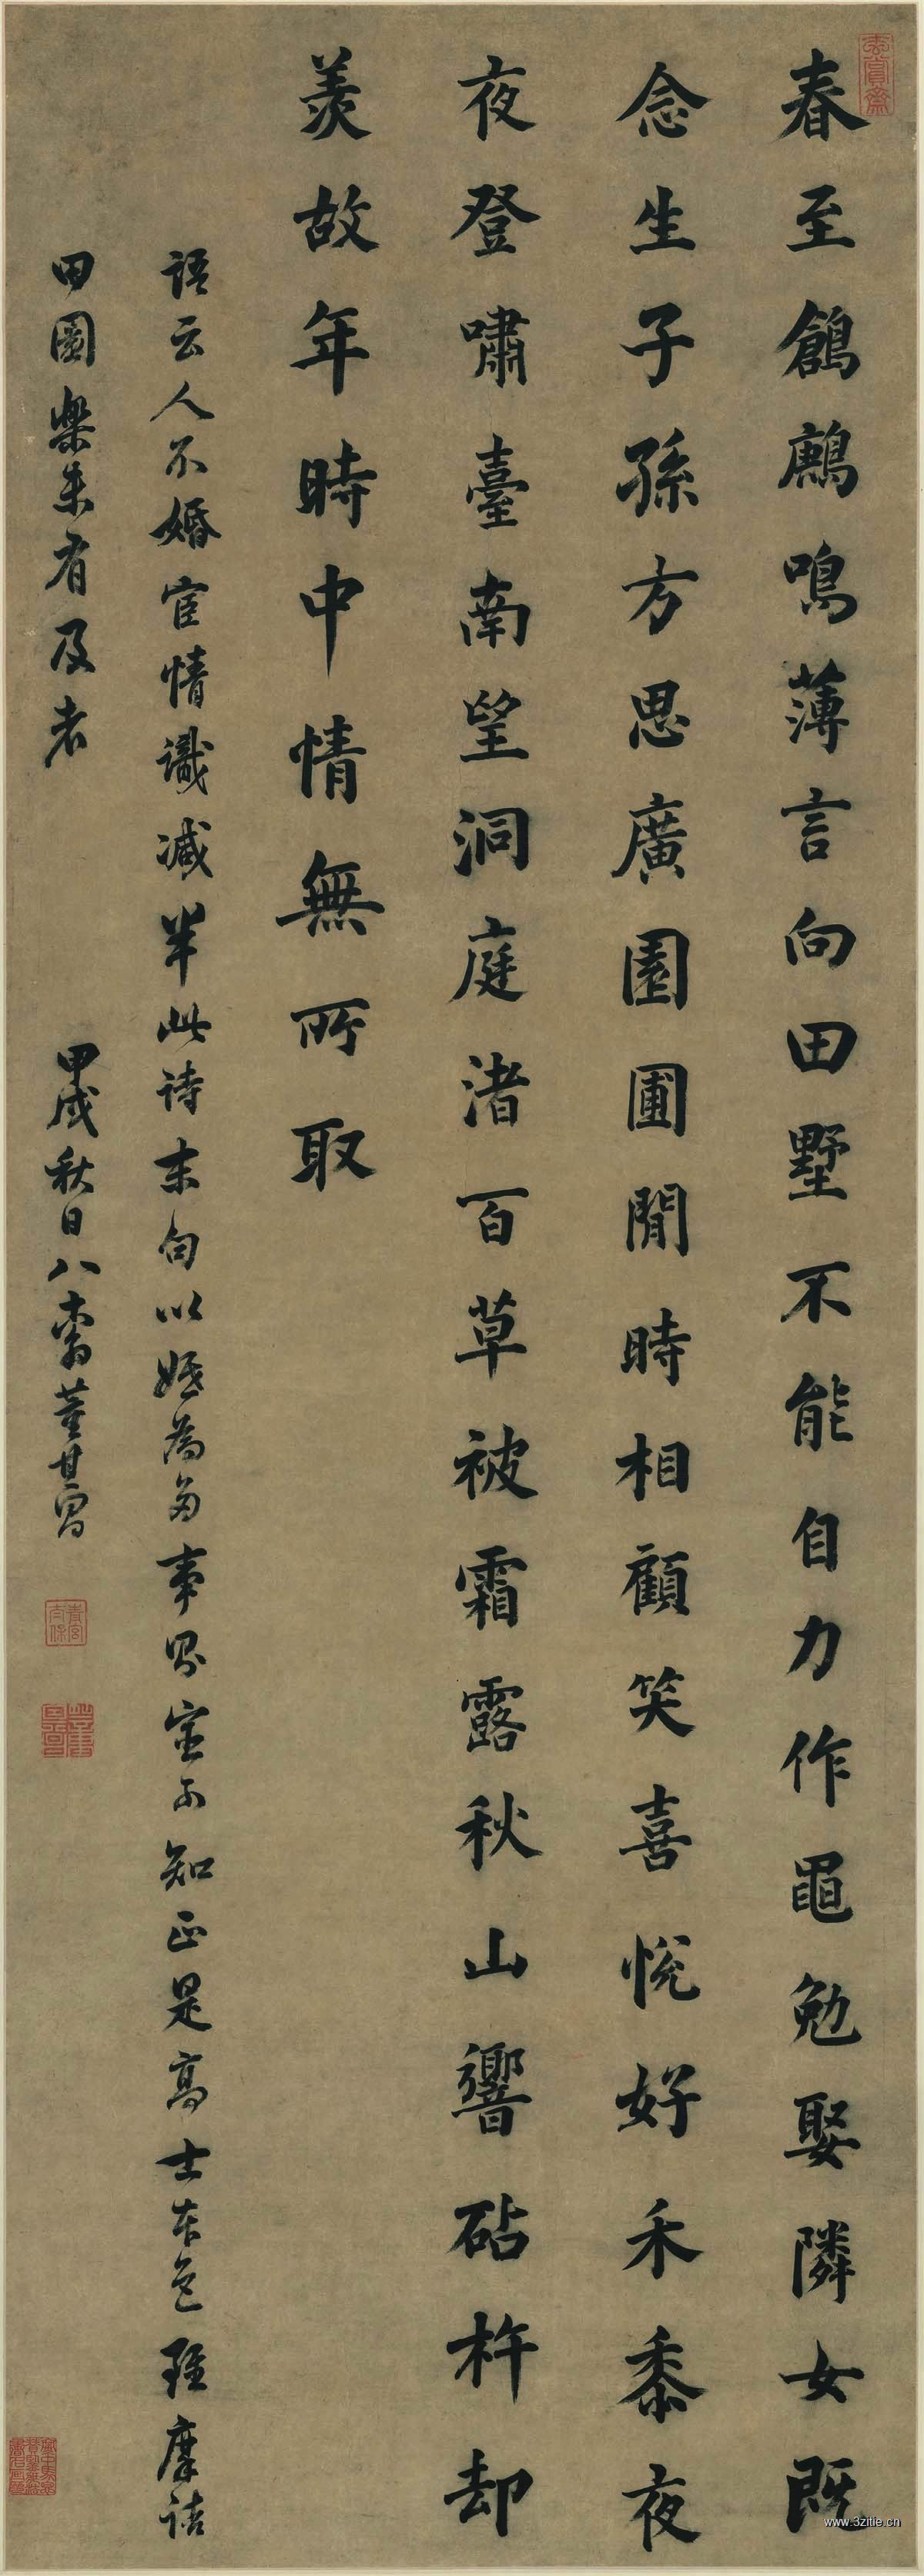 明 董其昌 楷书五古诗 纸本 60.9x169.7